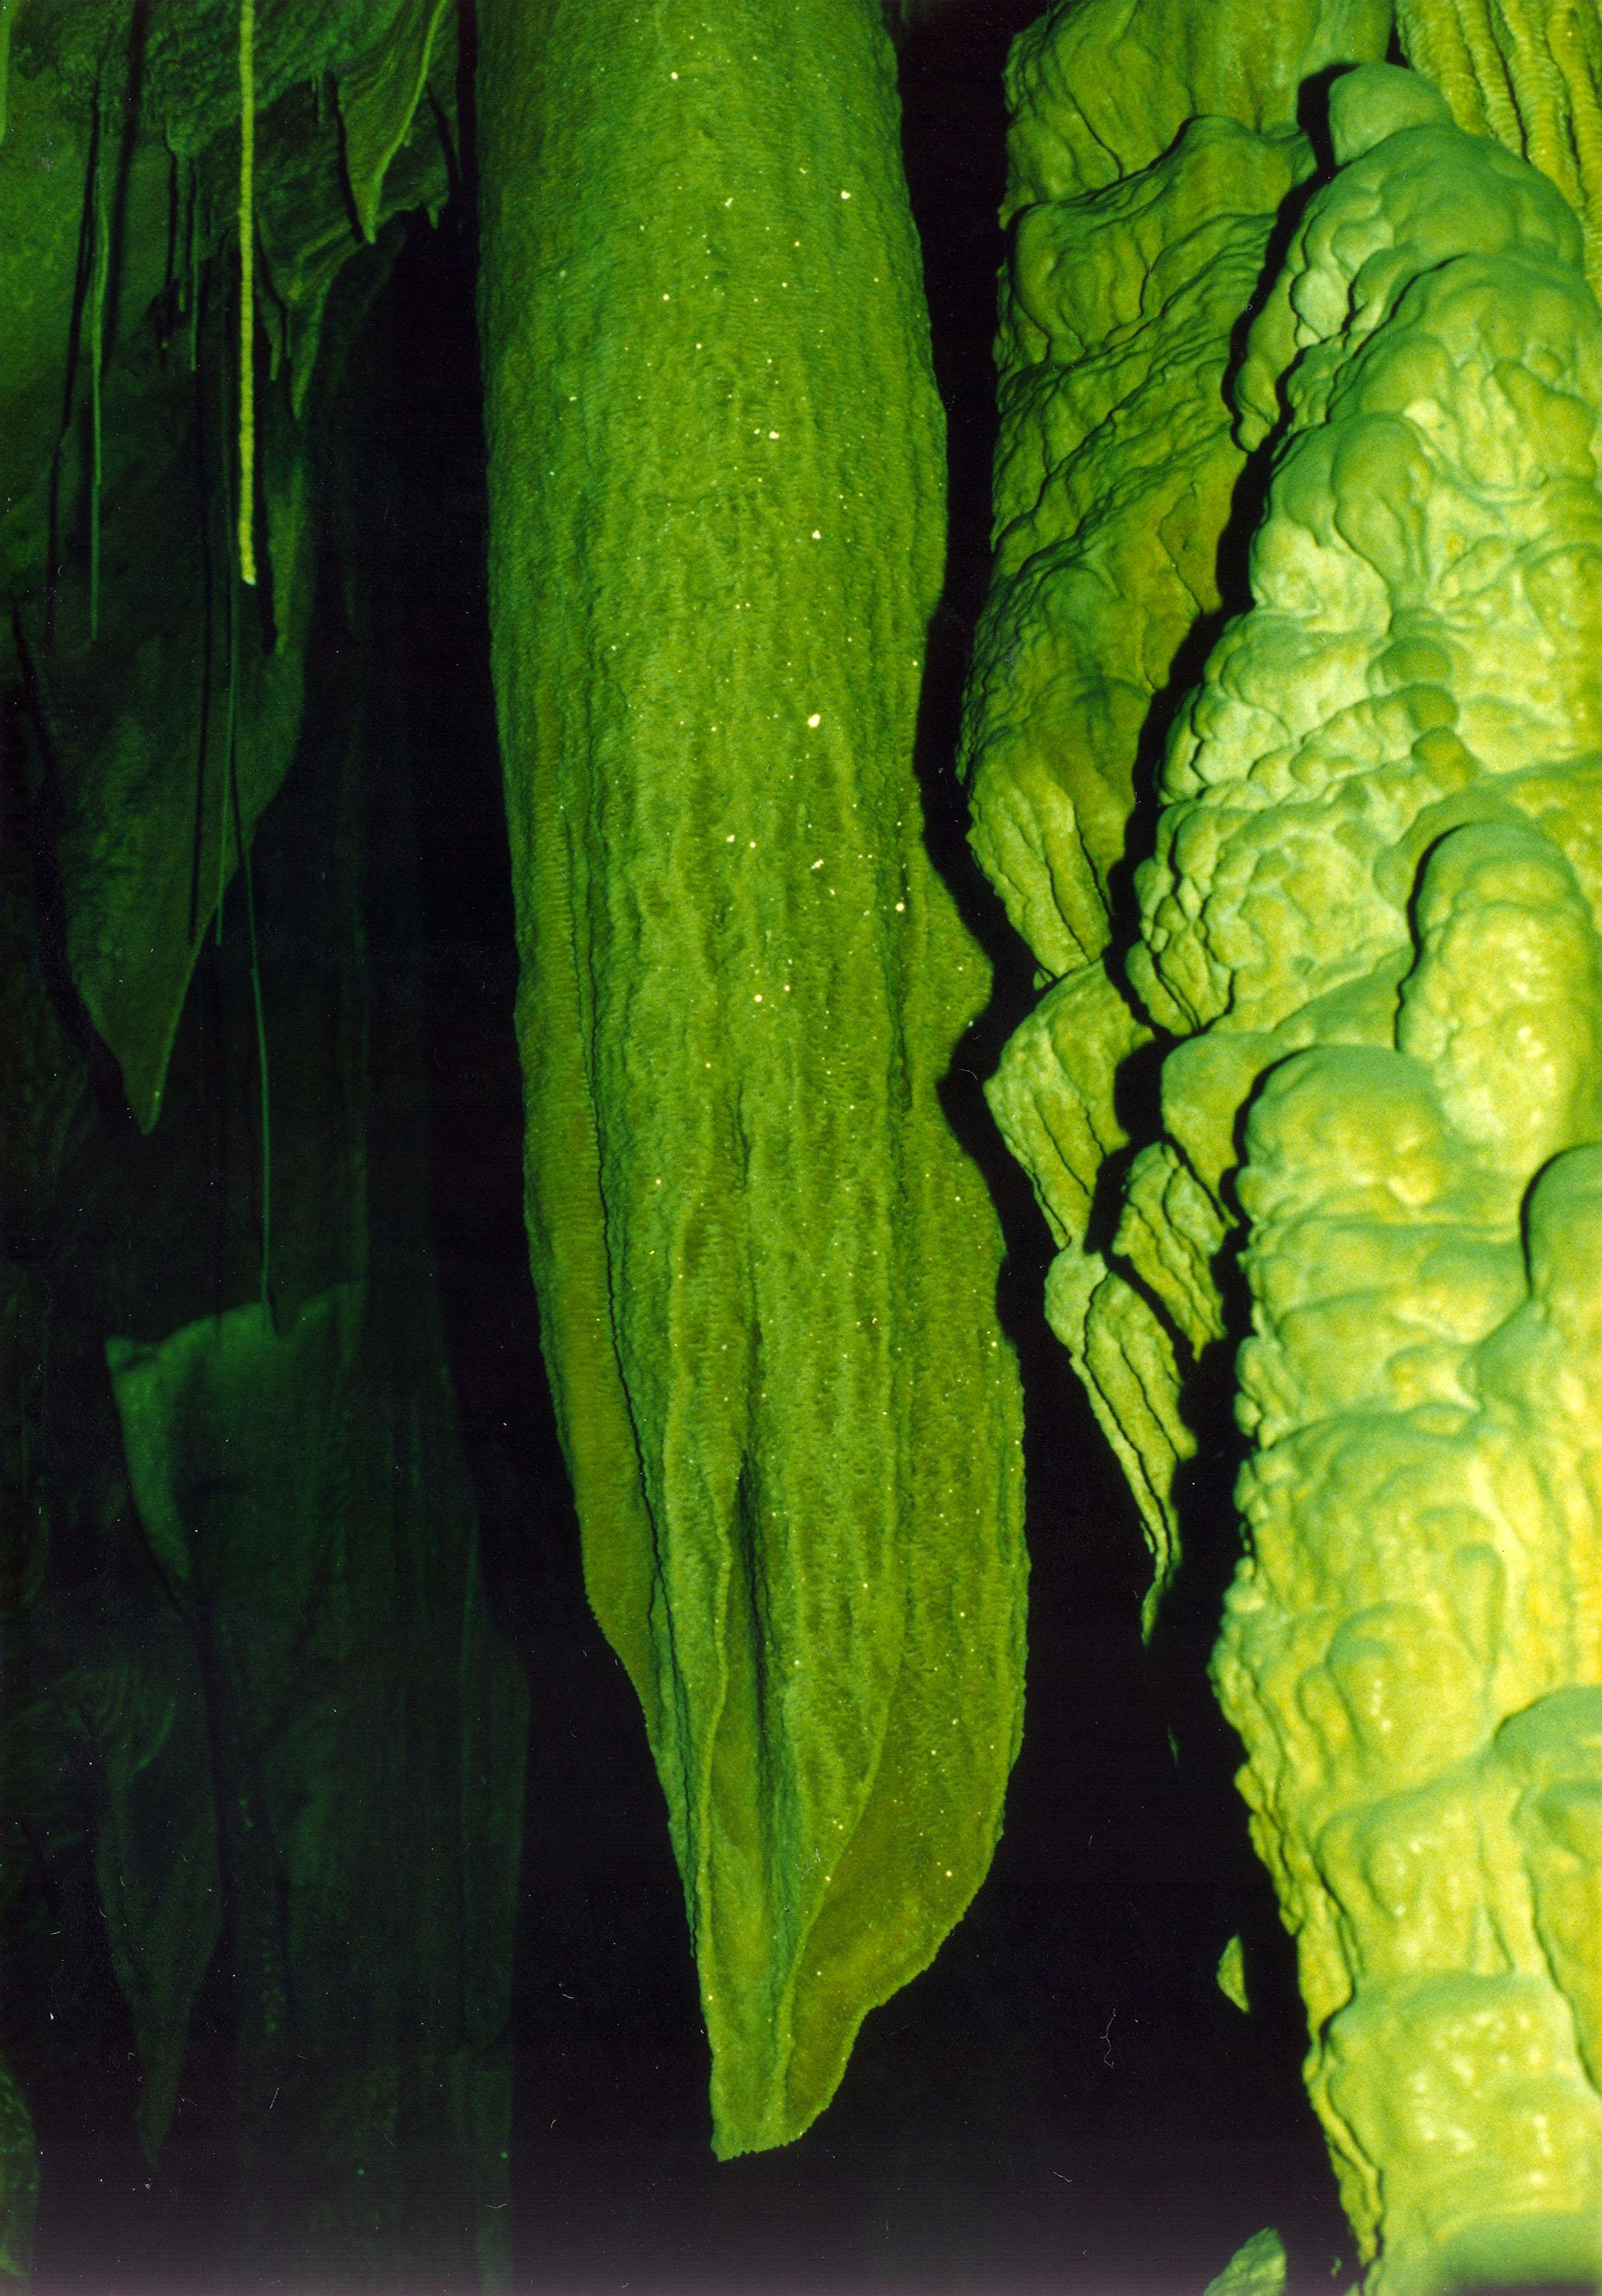 Textures Australia Blue Mountains NSW Limestone Caves 04